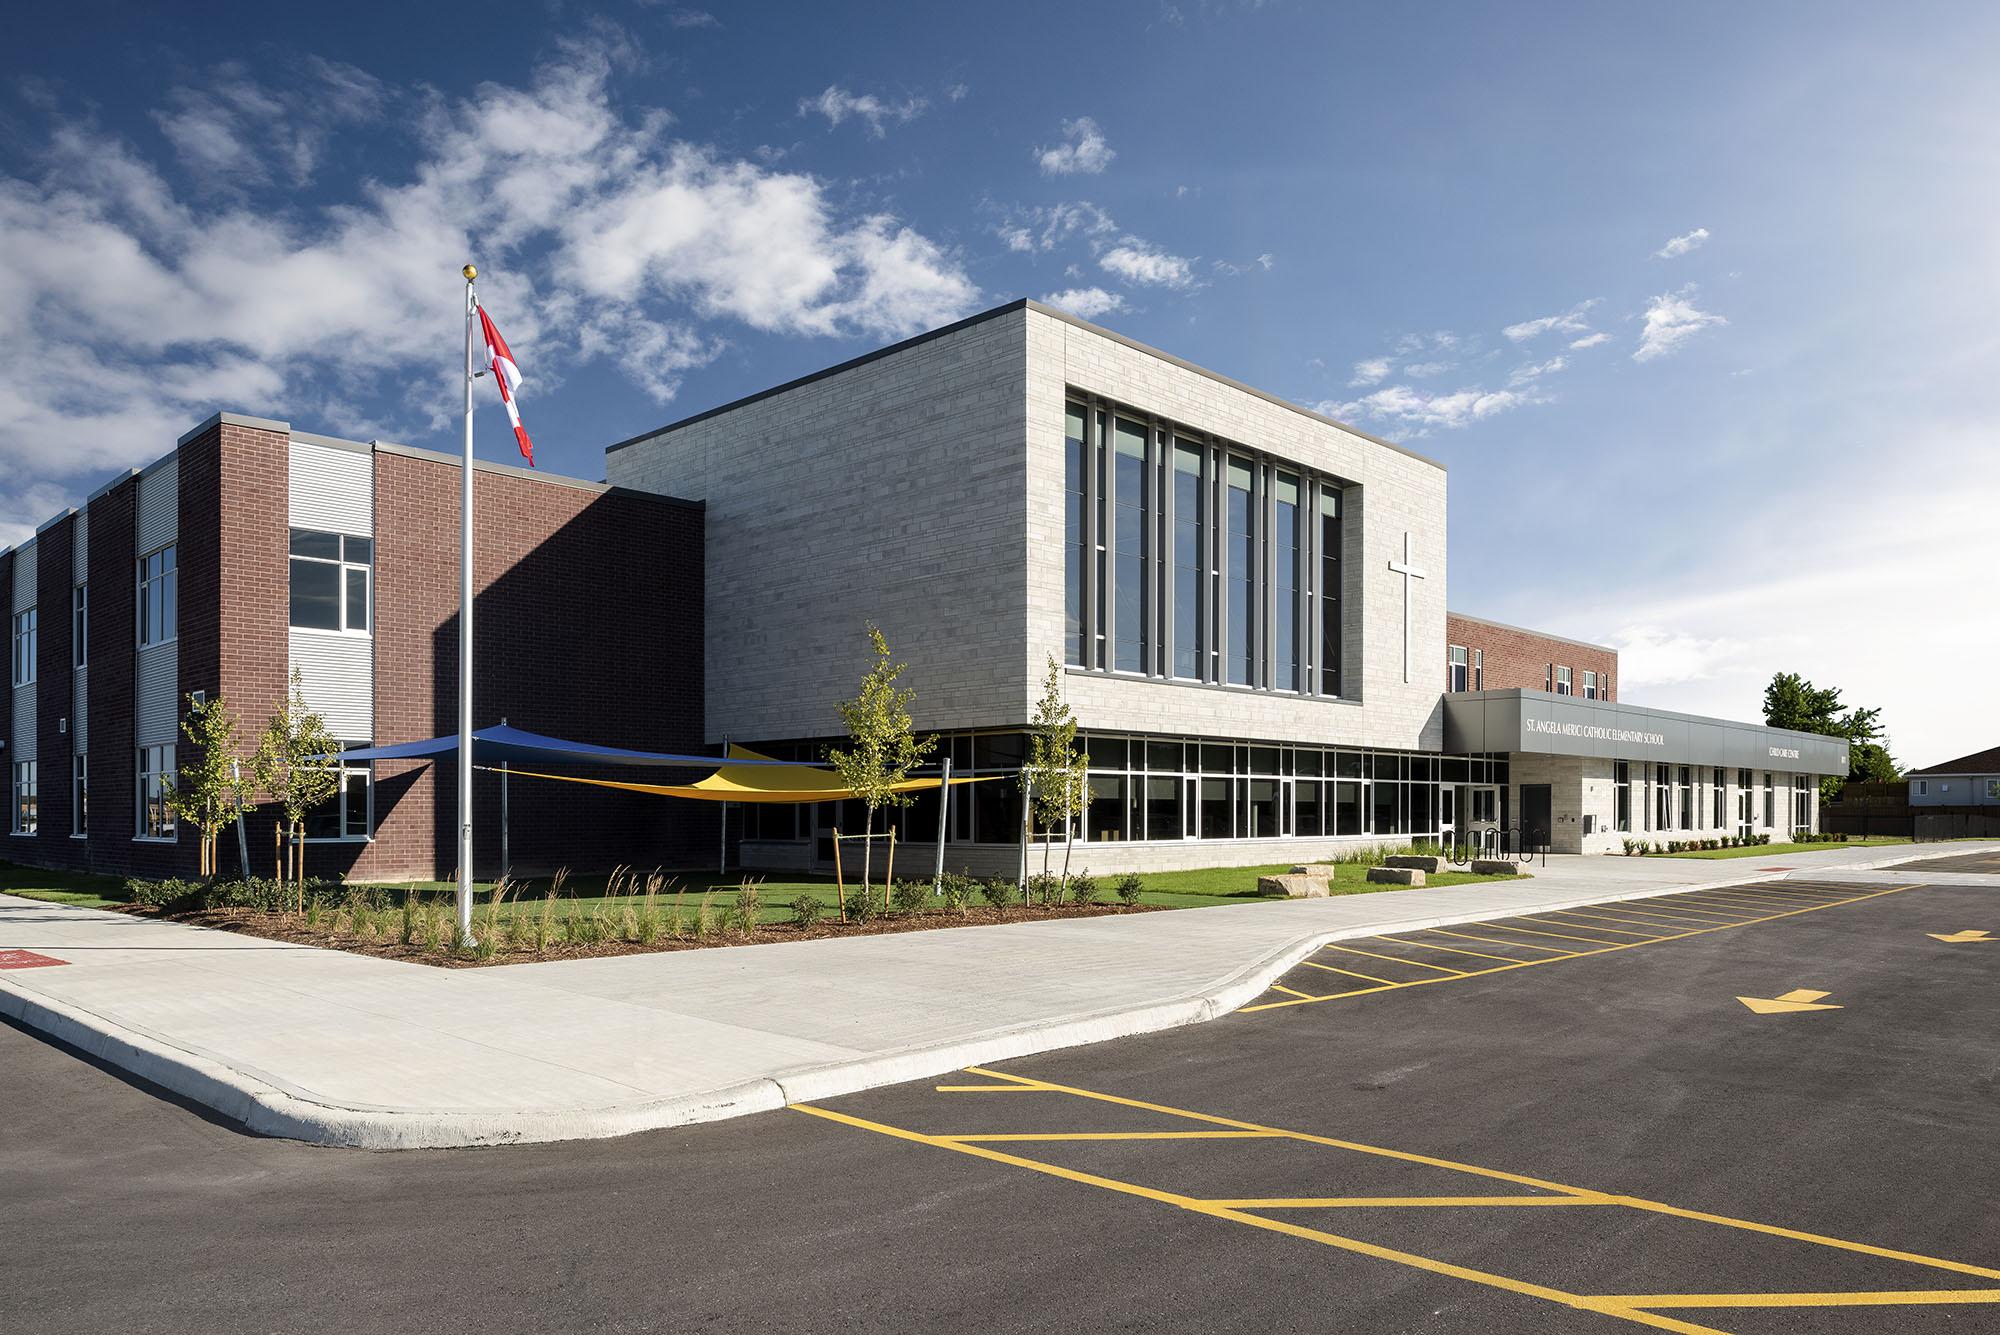 Featured image for St. Angela Merici Catholic School